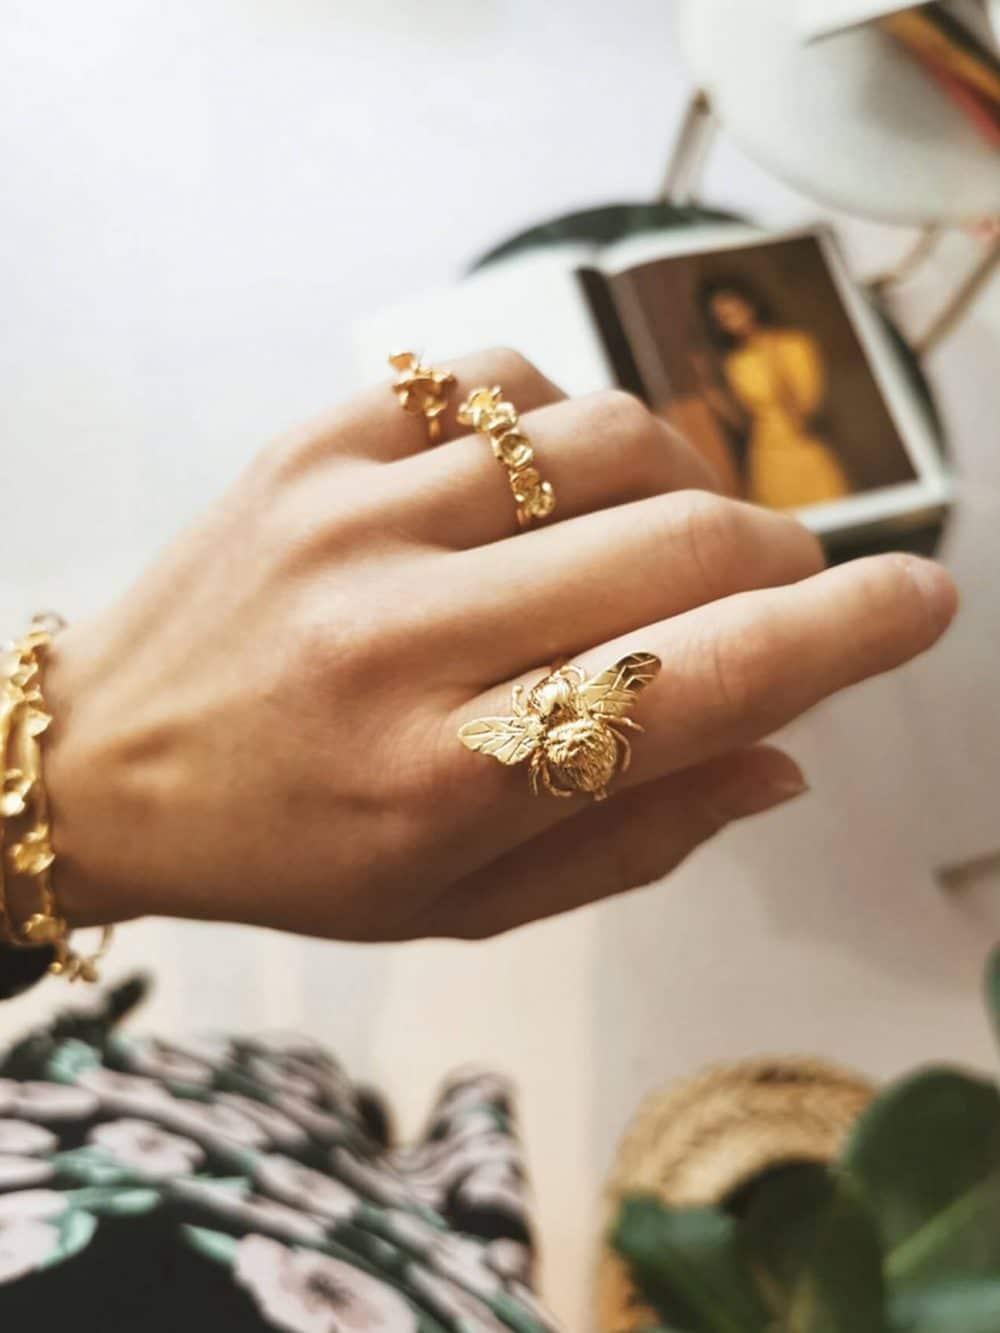 Bague Cela en forme d'abeille en or fairmined de la marque Elise Tsikis made in France